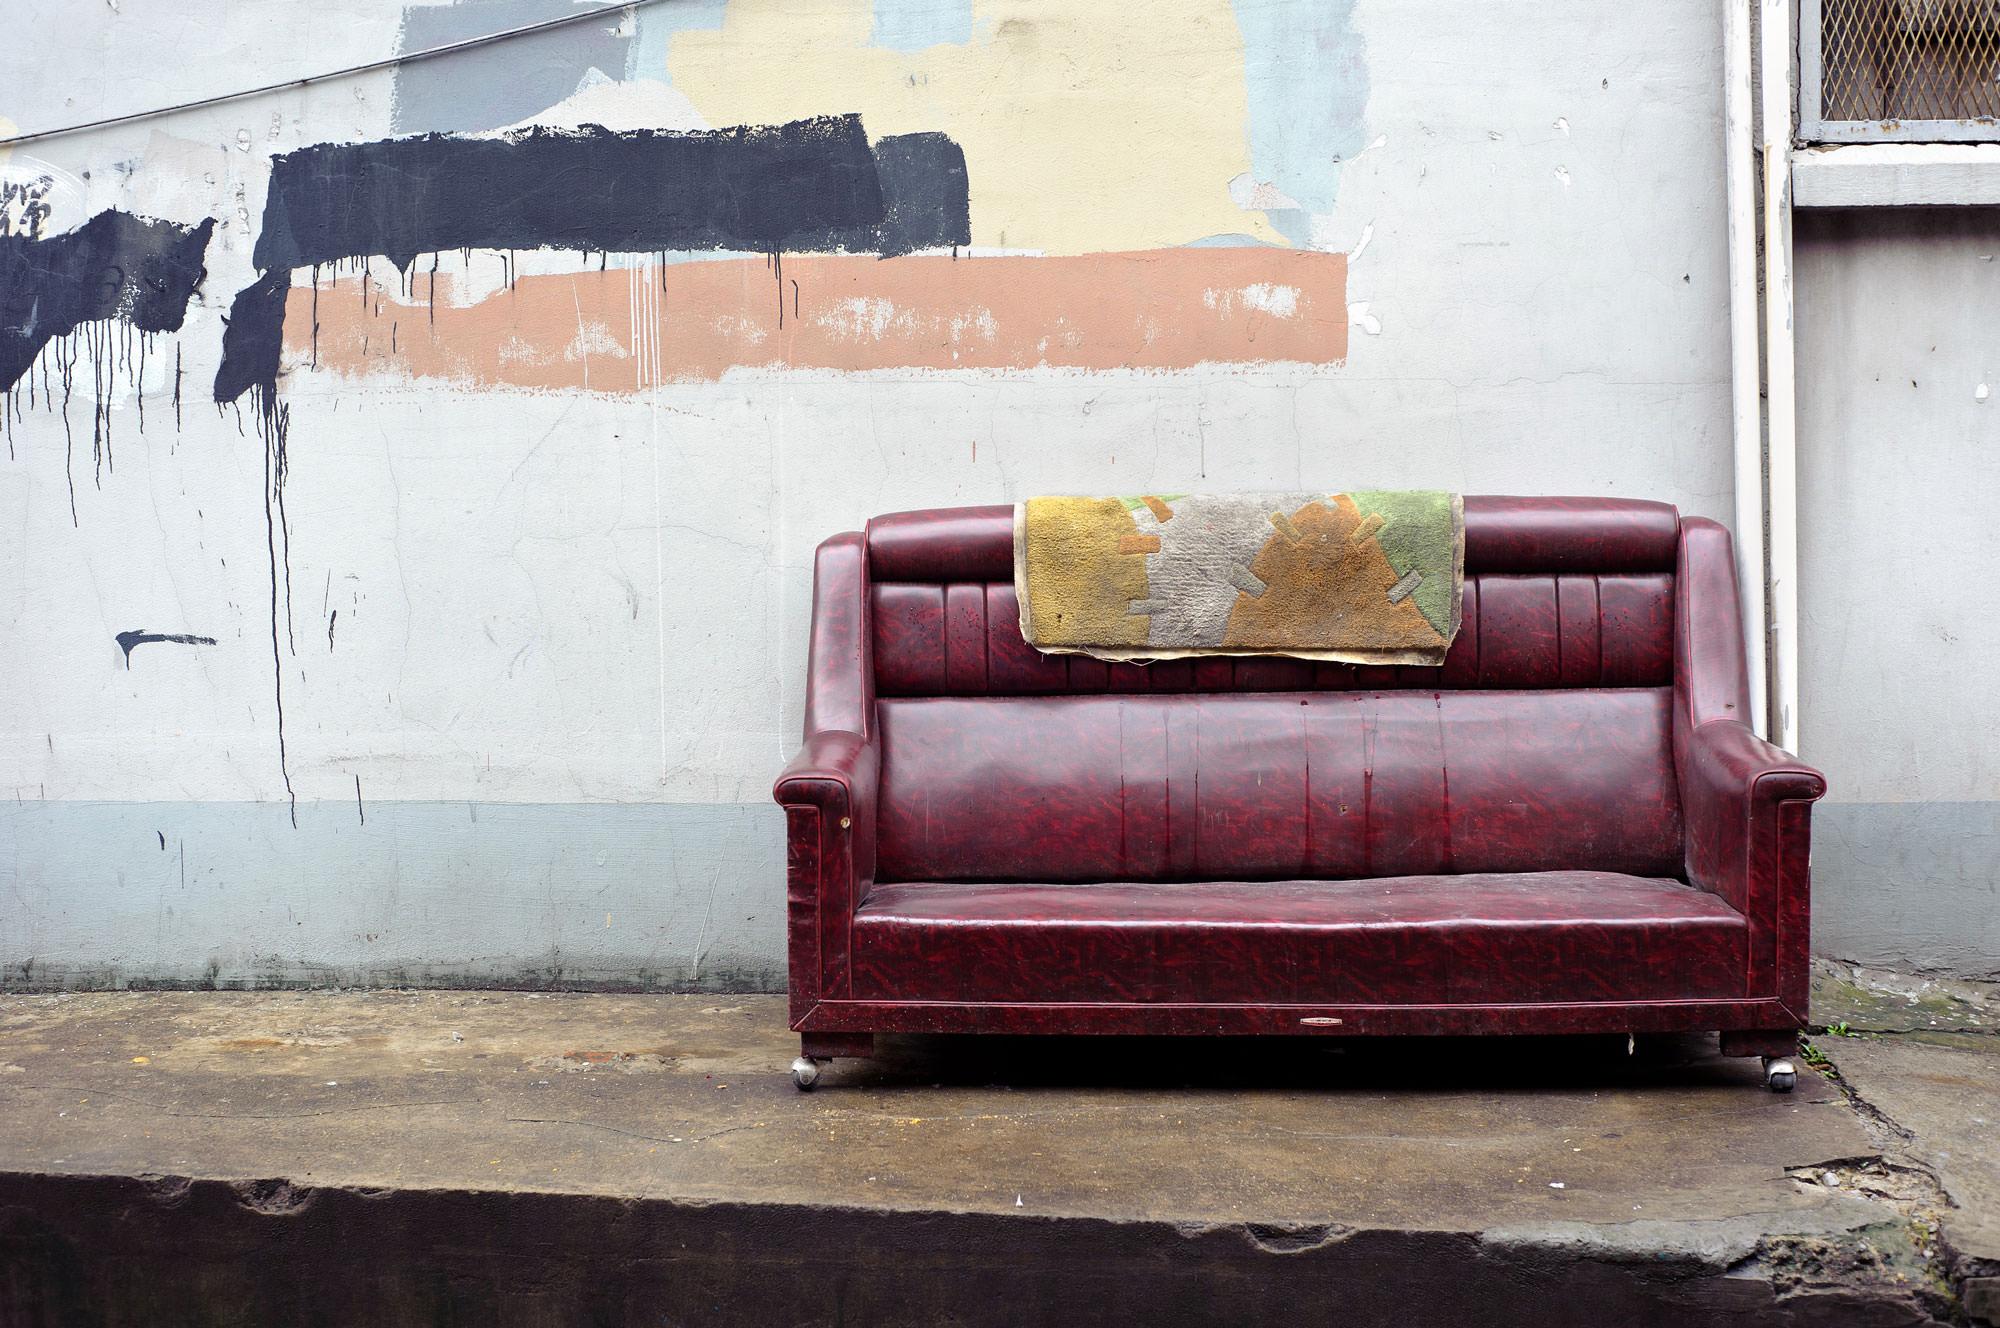 Ciudadano inagra for Recogida muebles